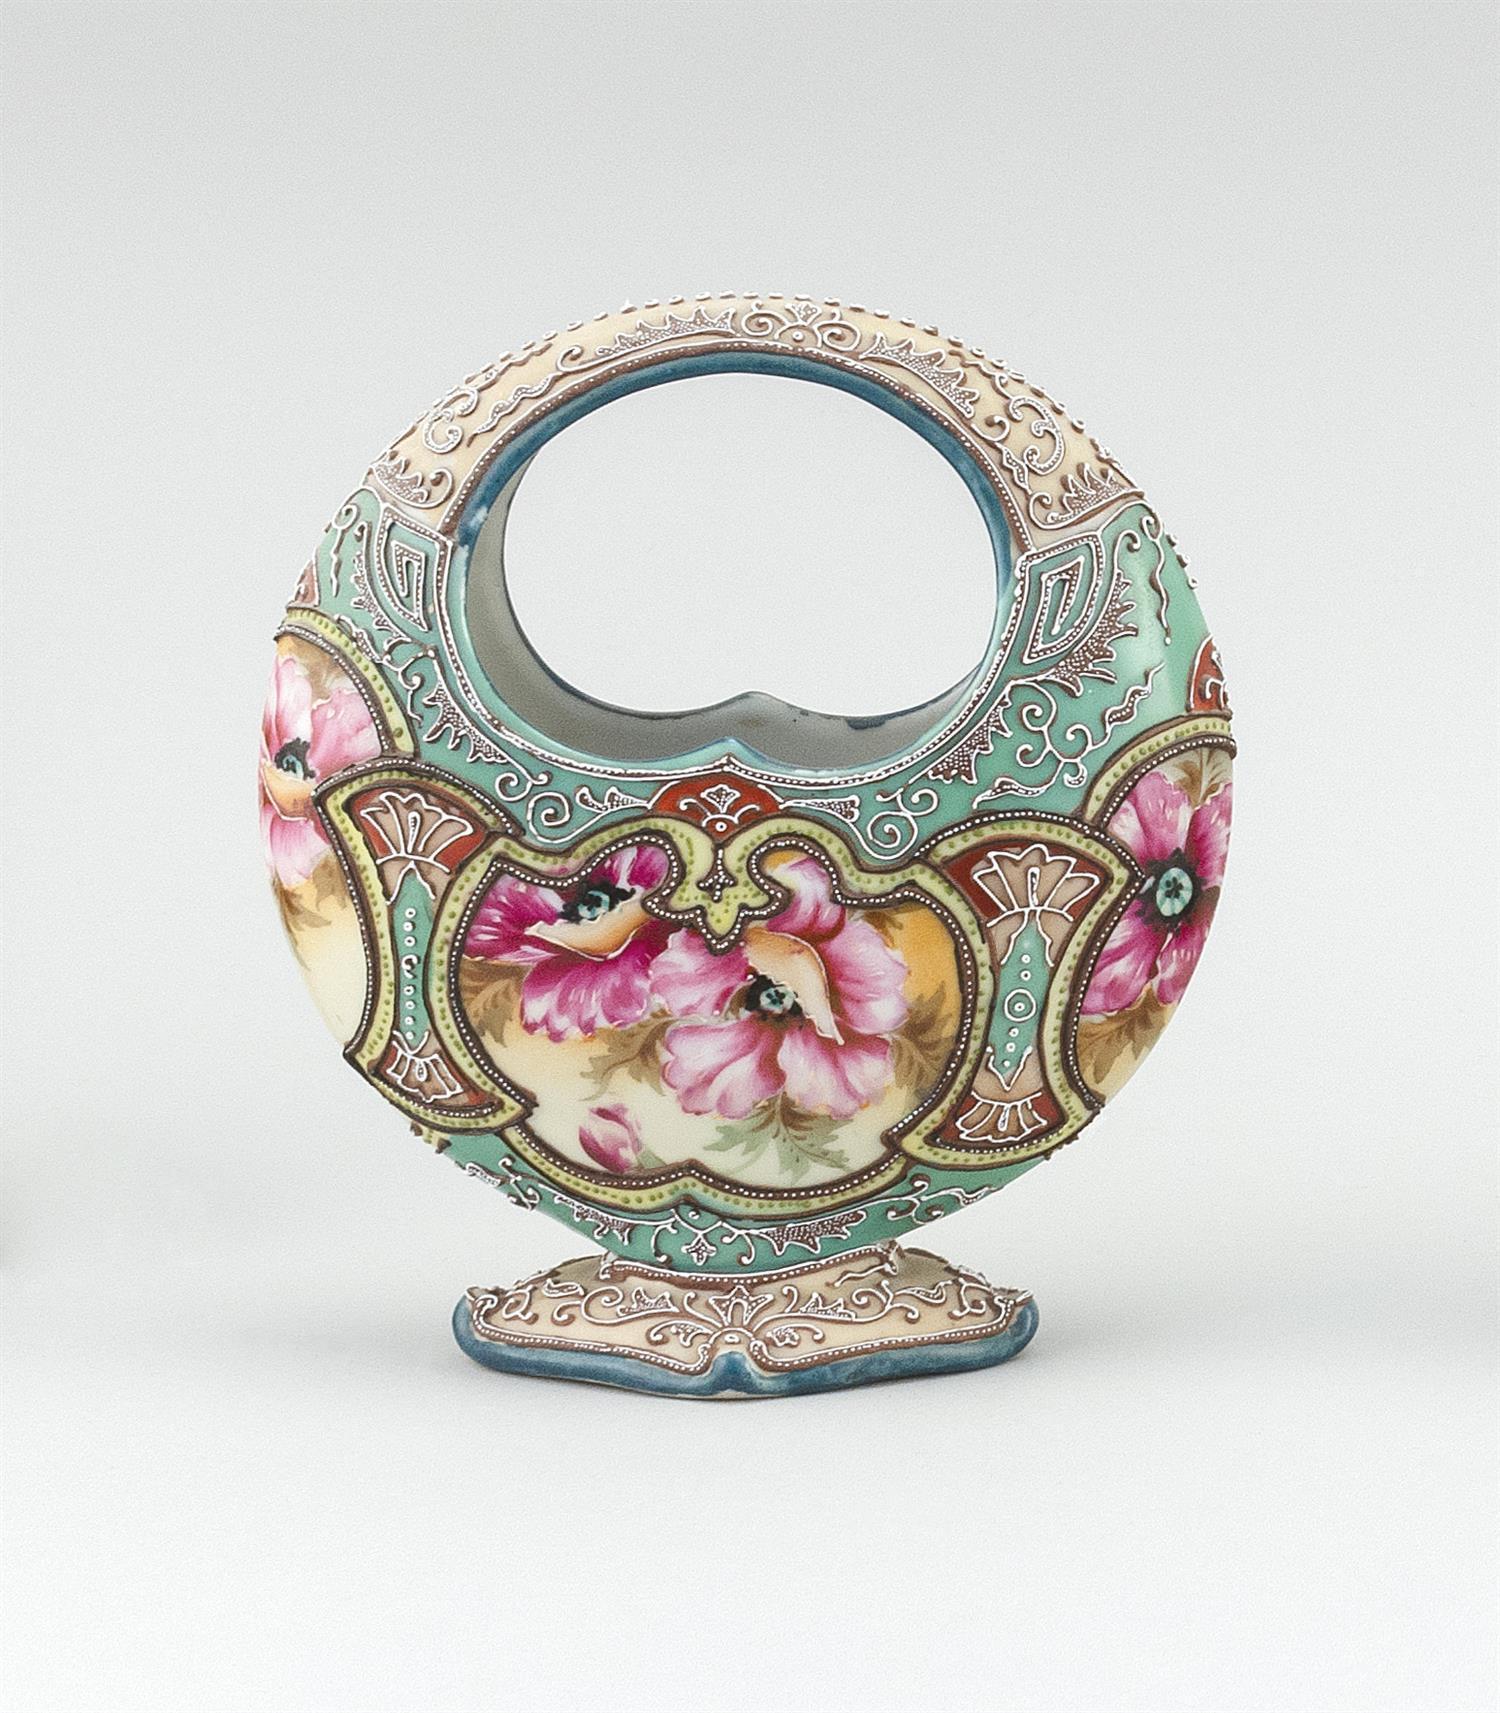 """MORIAGE NIPPON PORCELAIN VASE In basket form, with floral design. Height 7.75""""."""